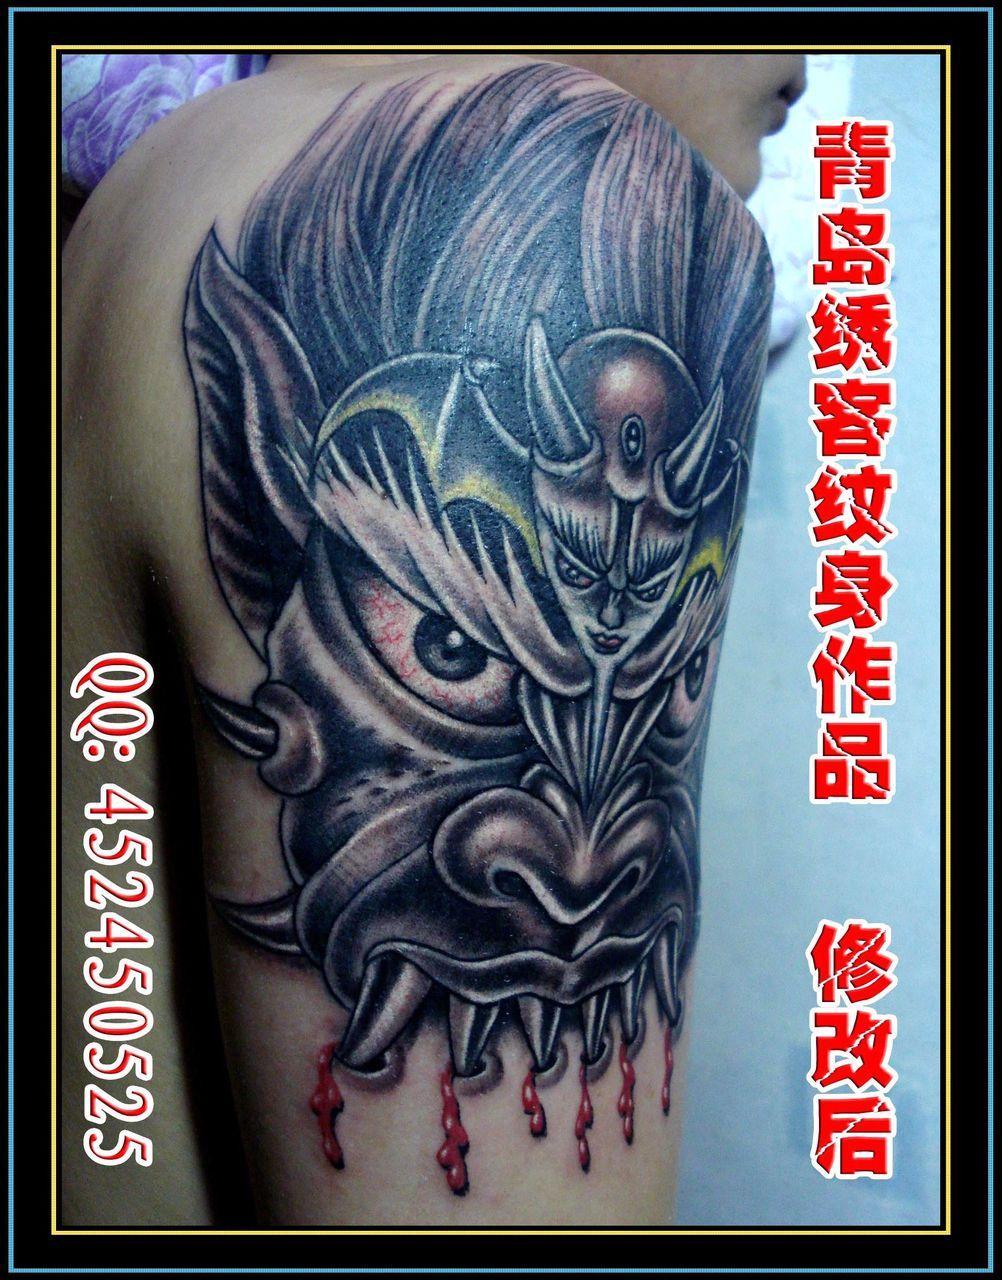 班诺包臂纹身; 班诺纹身手稿 纹身图案大全; █◤◢◤◢◤◢ 青岛纹身图片